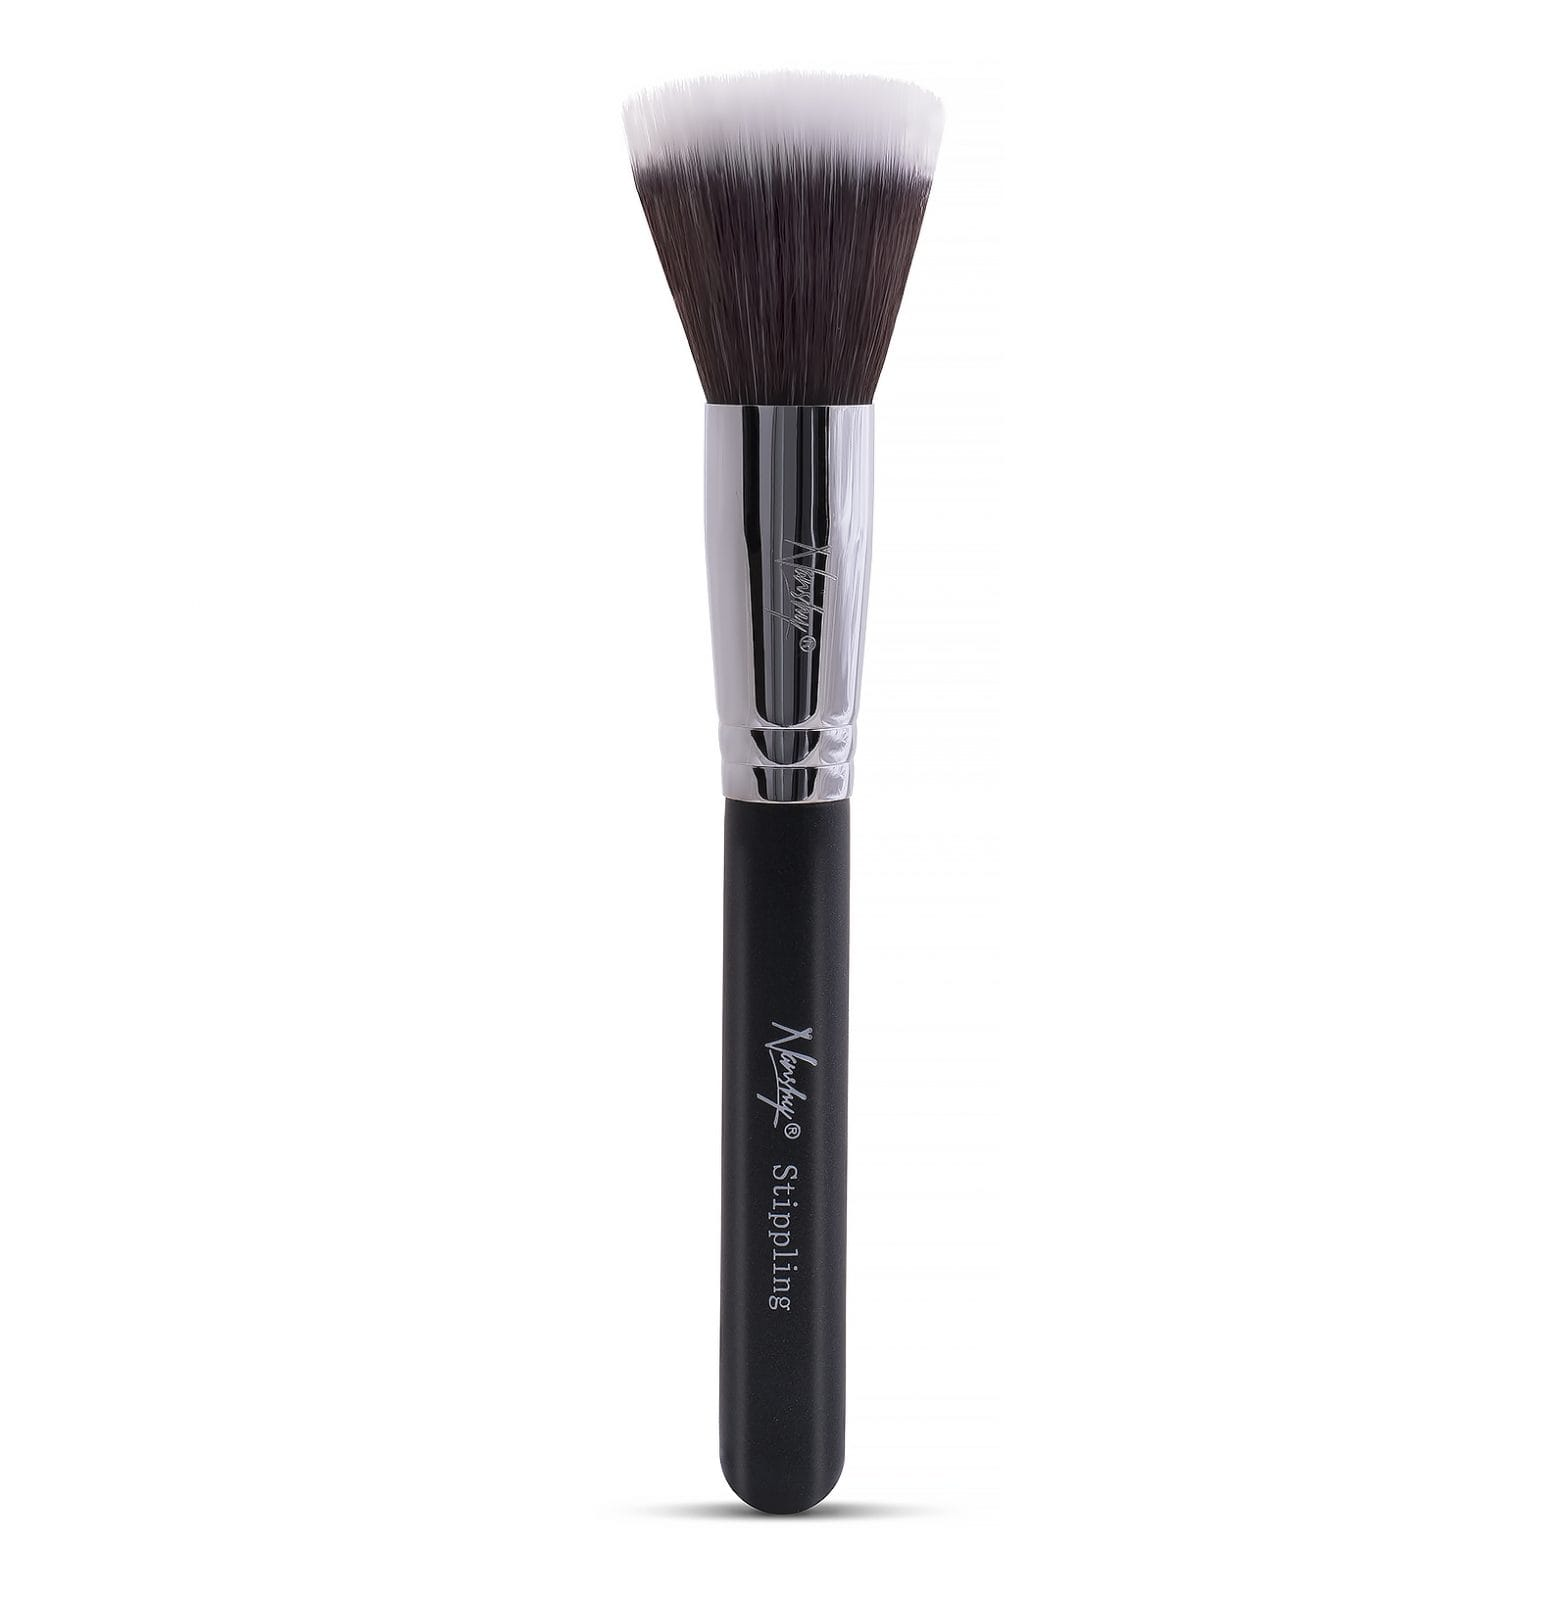 Buy Masterful Collection Onyx Black Make-up Brush Set